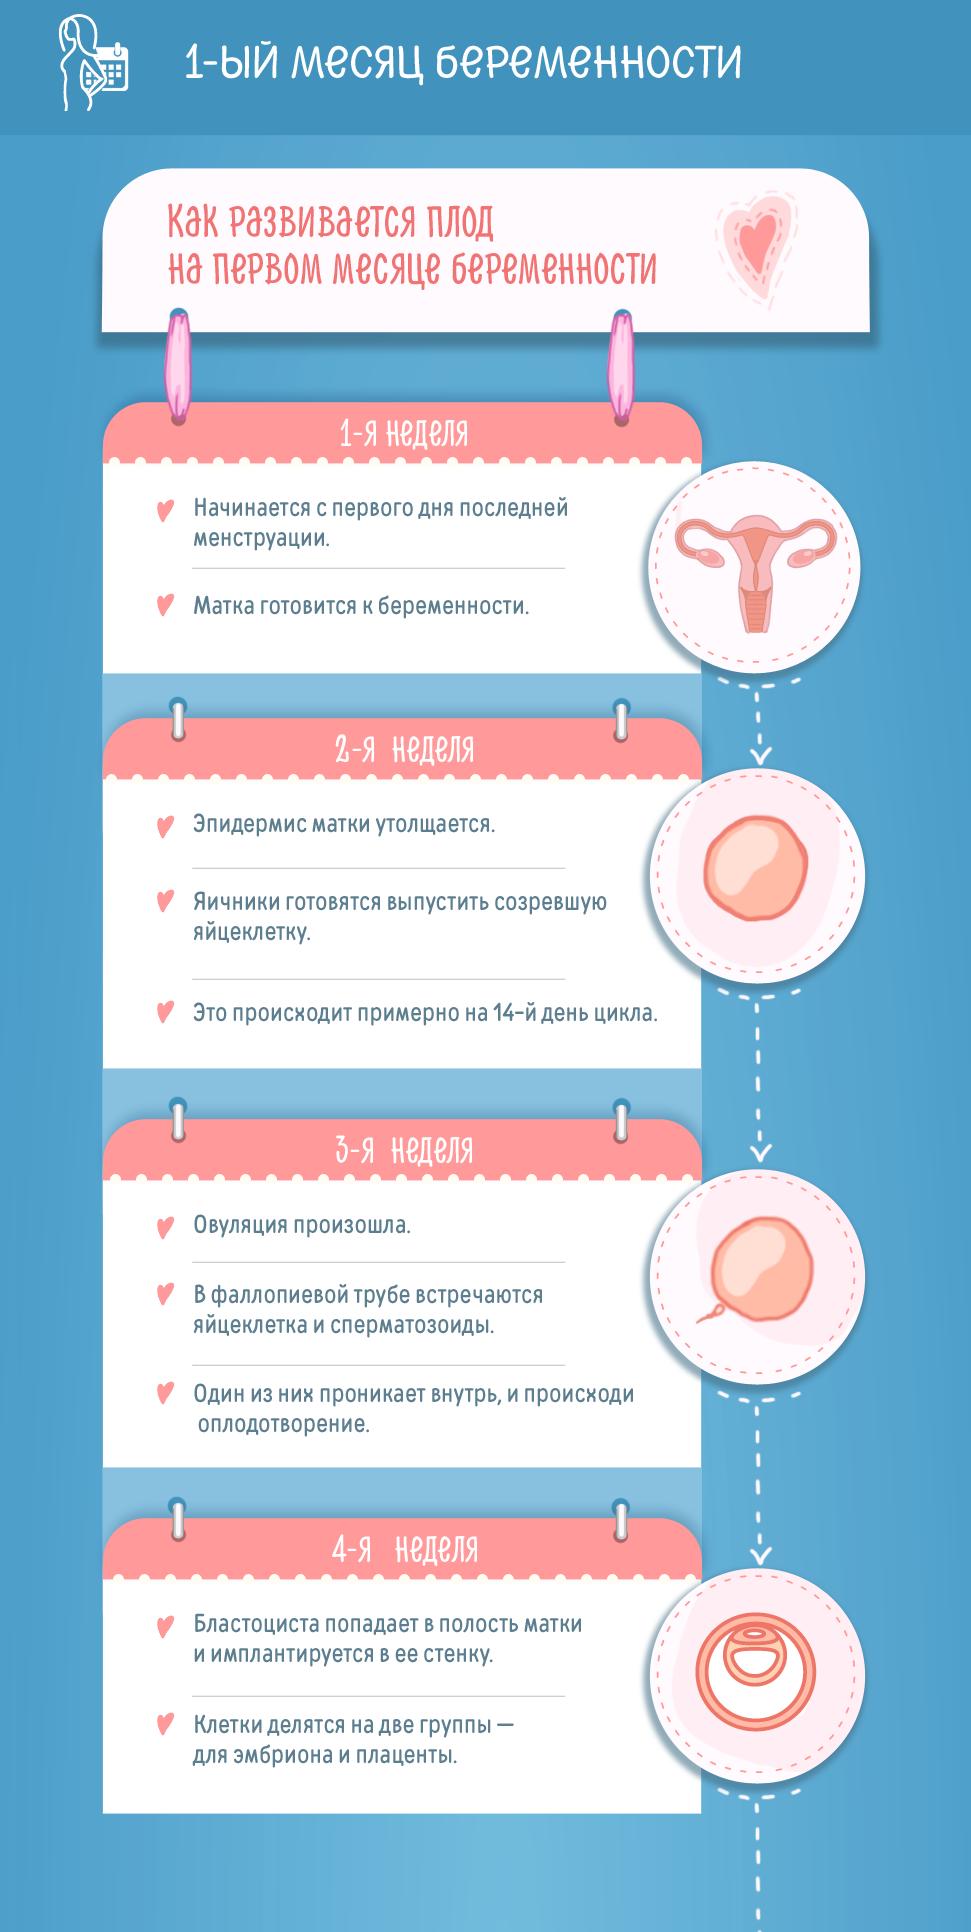 Какими бывают выделения после овуляции, если зачатие произошло?